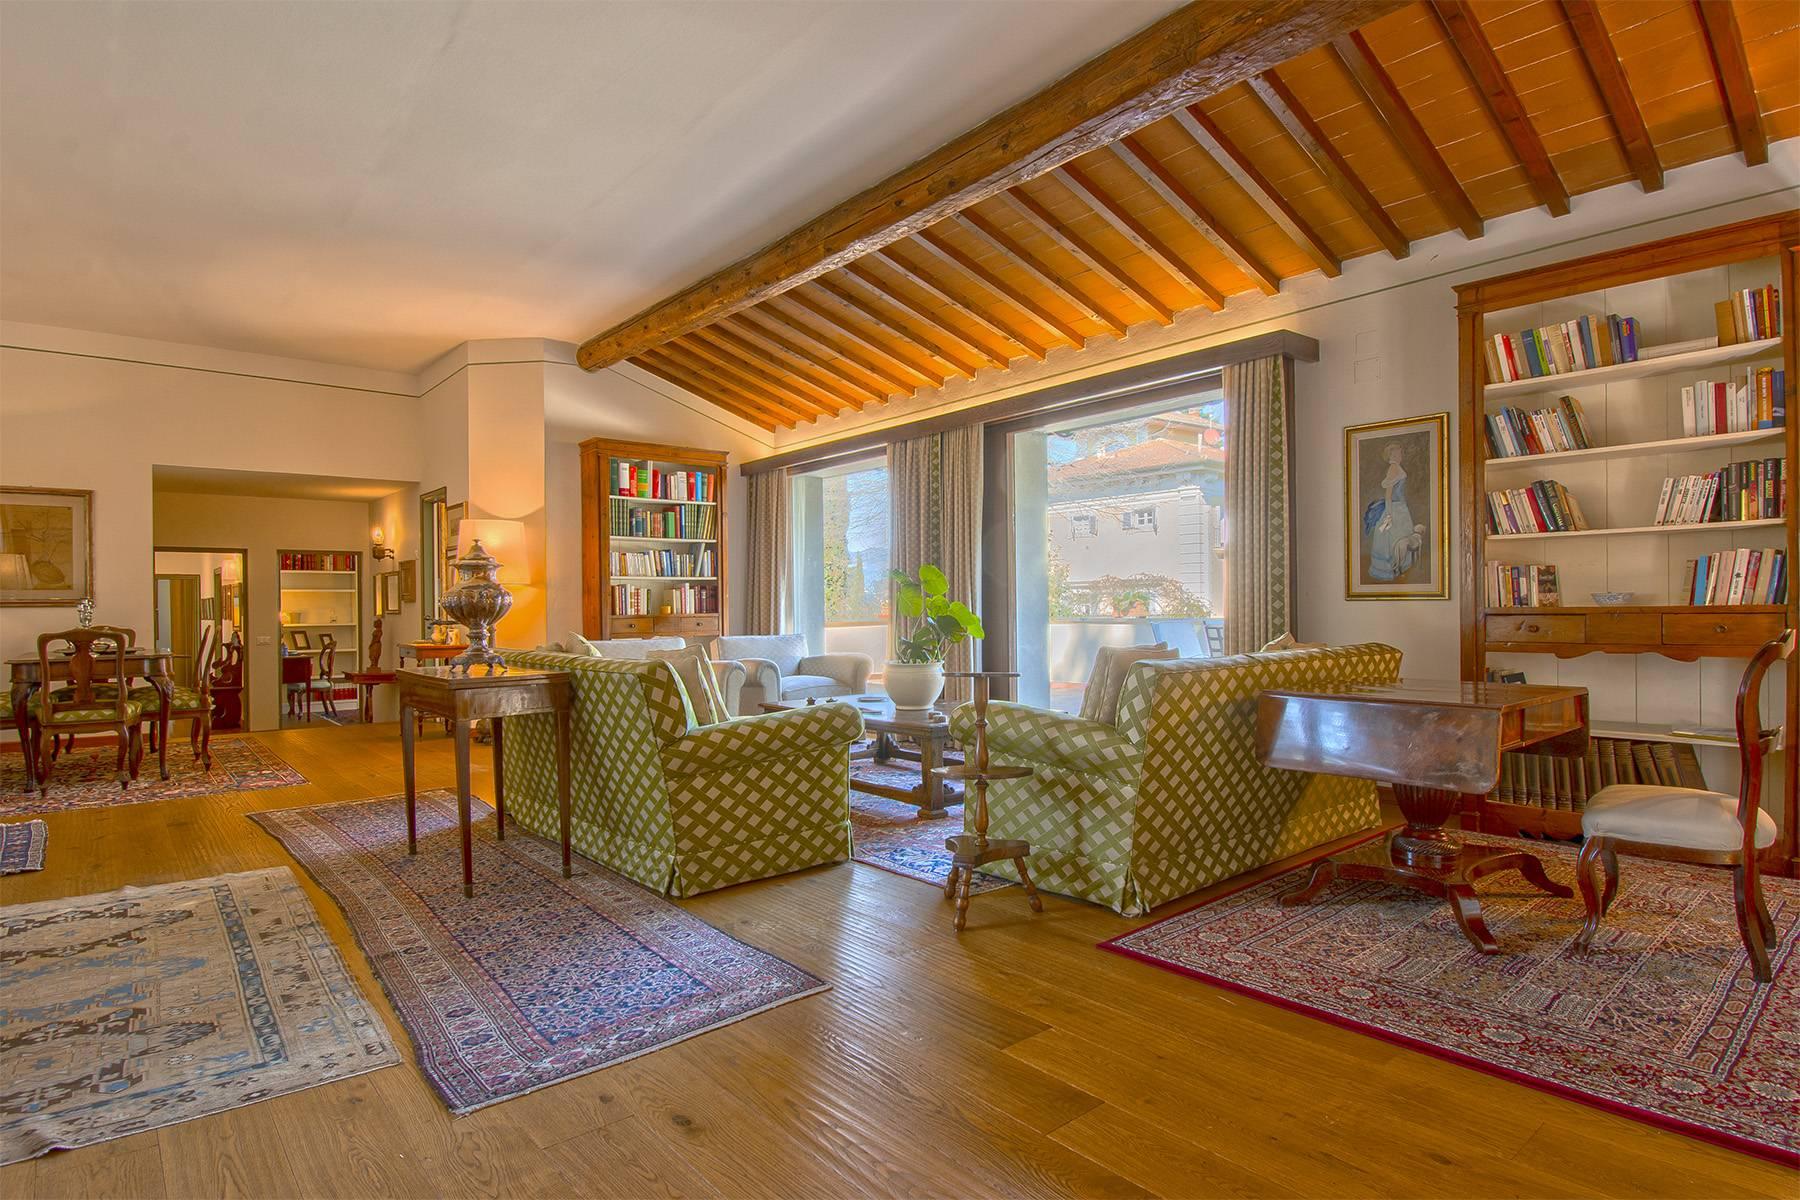 Appartamento in Vendita a Firenze: 5 locali, 182 mq - Foto 11